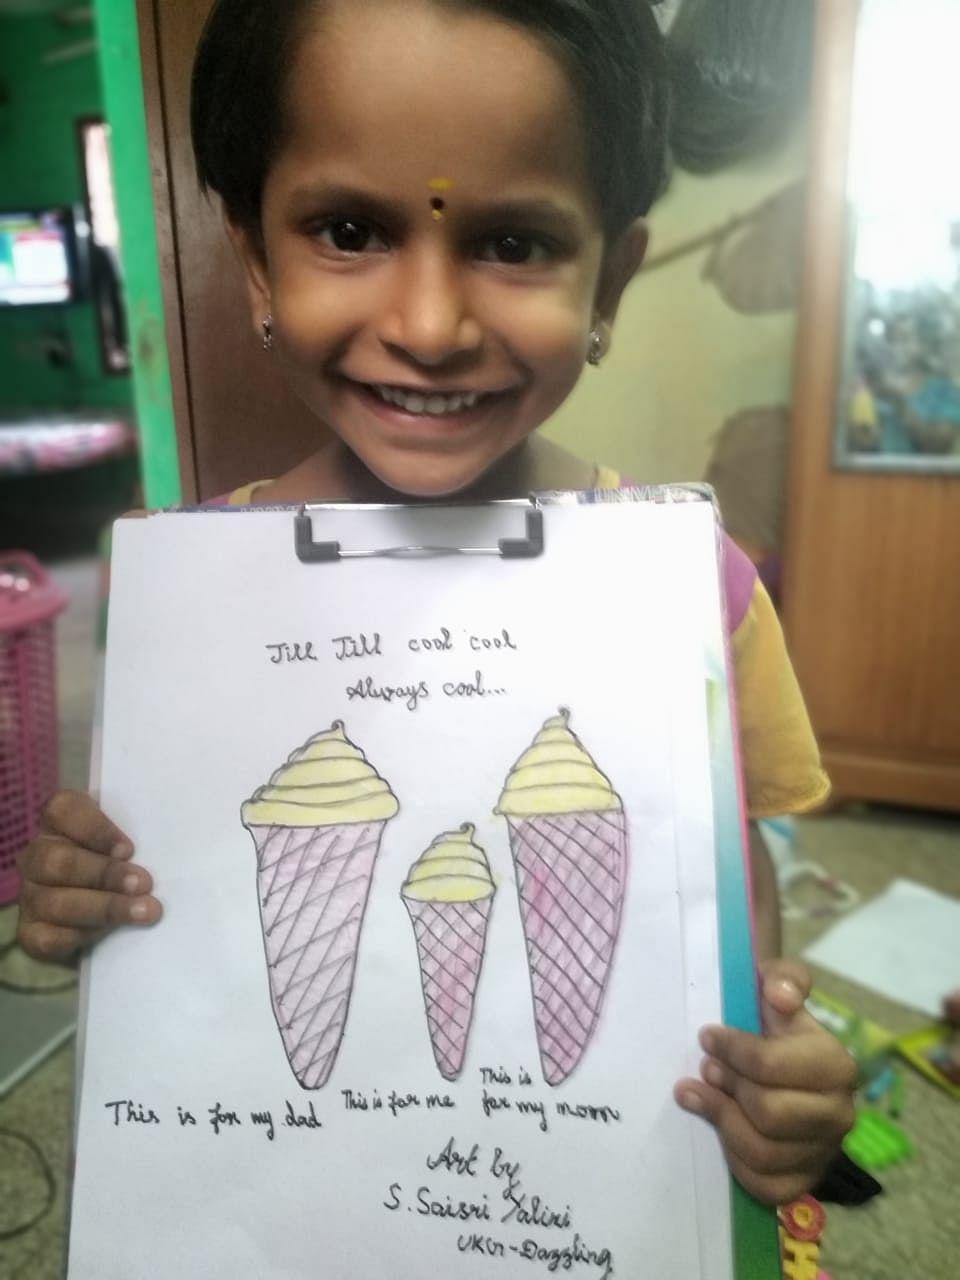 ஜில் ஜில் கூல் கூல் ஐஸ்க்ரீம்